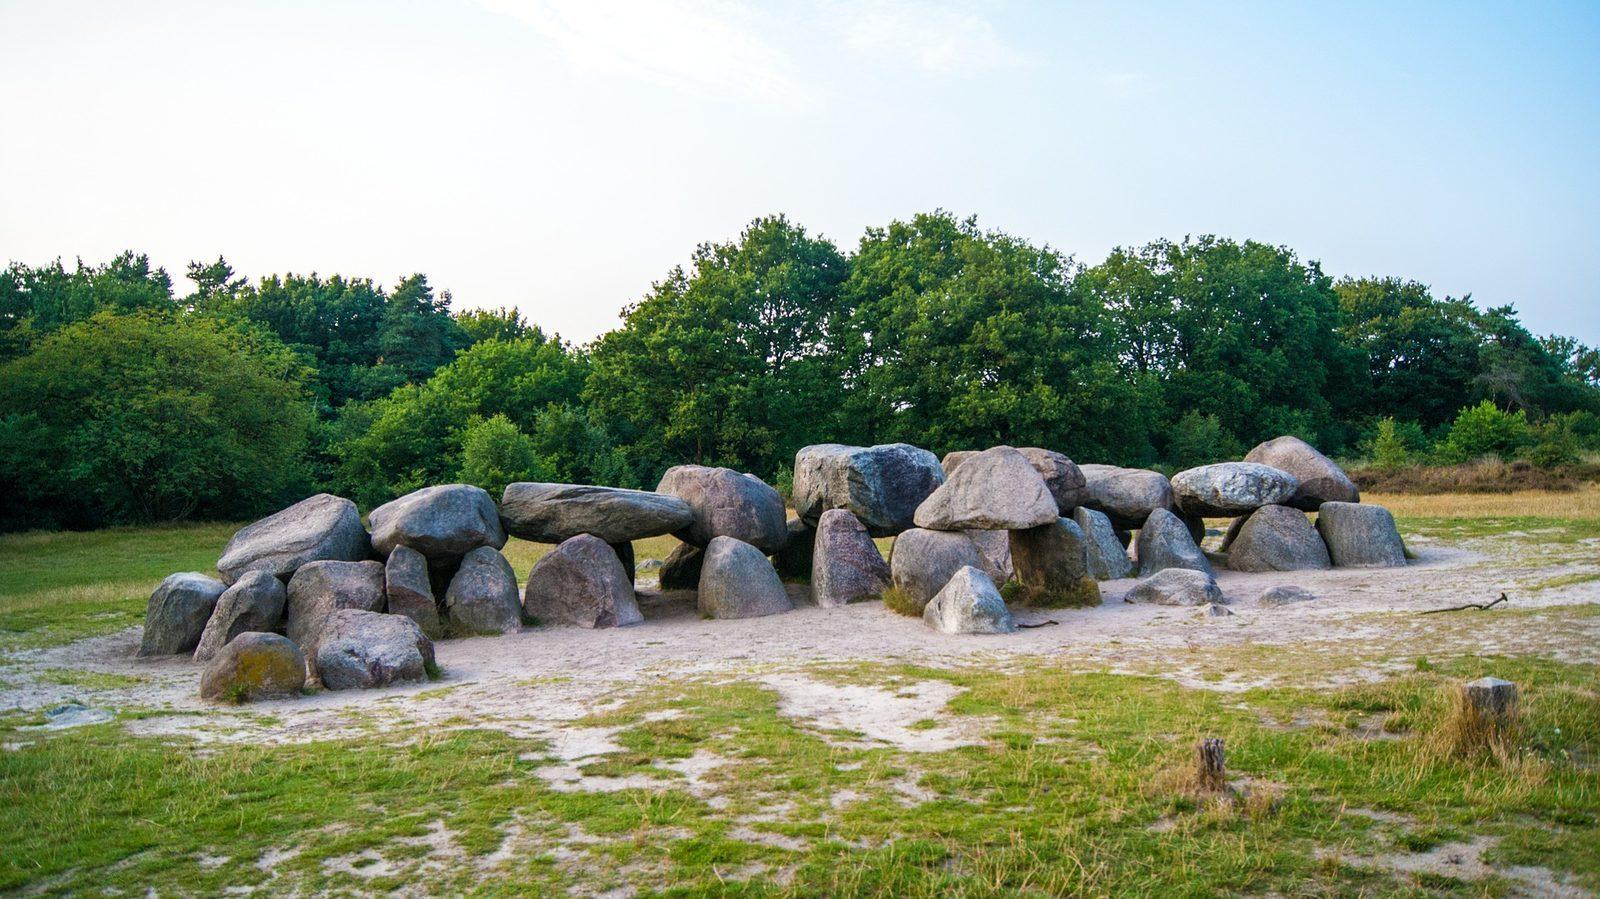 Top 3 hunebedden in Drenthe